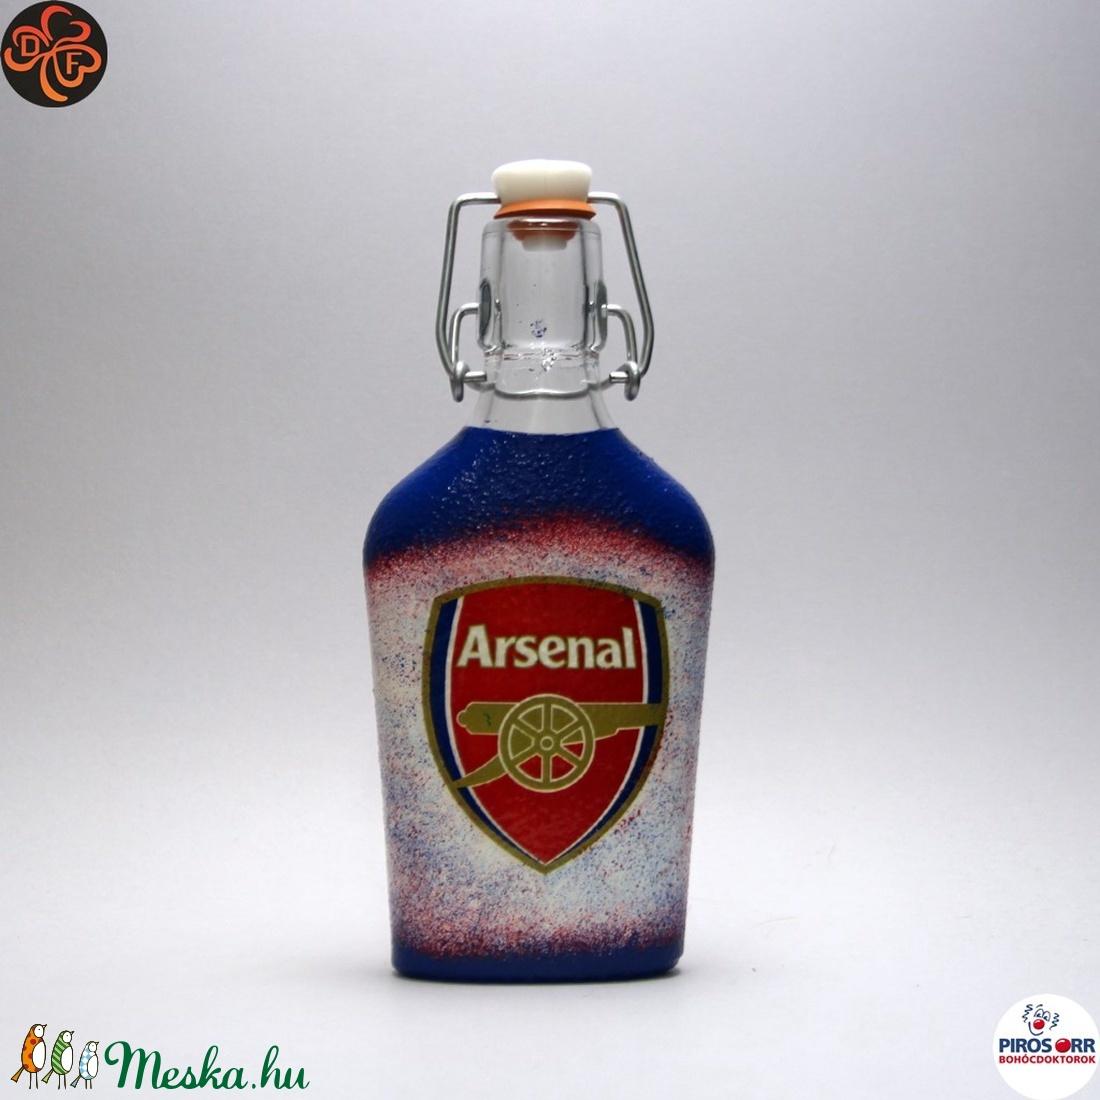 ARSENAL csatosüveg  ; Igazán egyedi Arsenal szurkolói ajándék. (decorfantasy) - Meska.hu